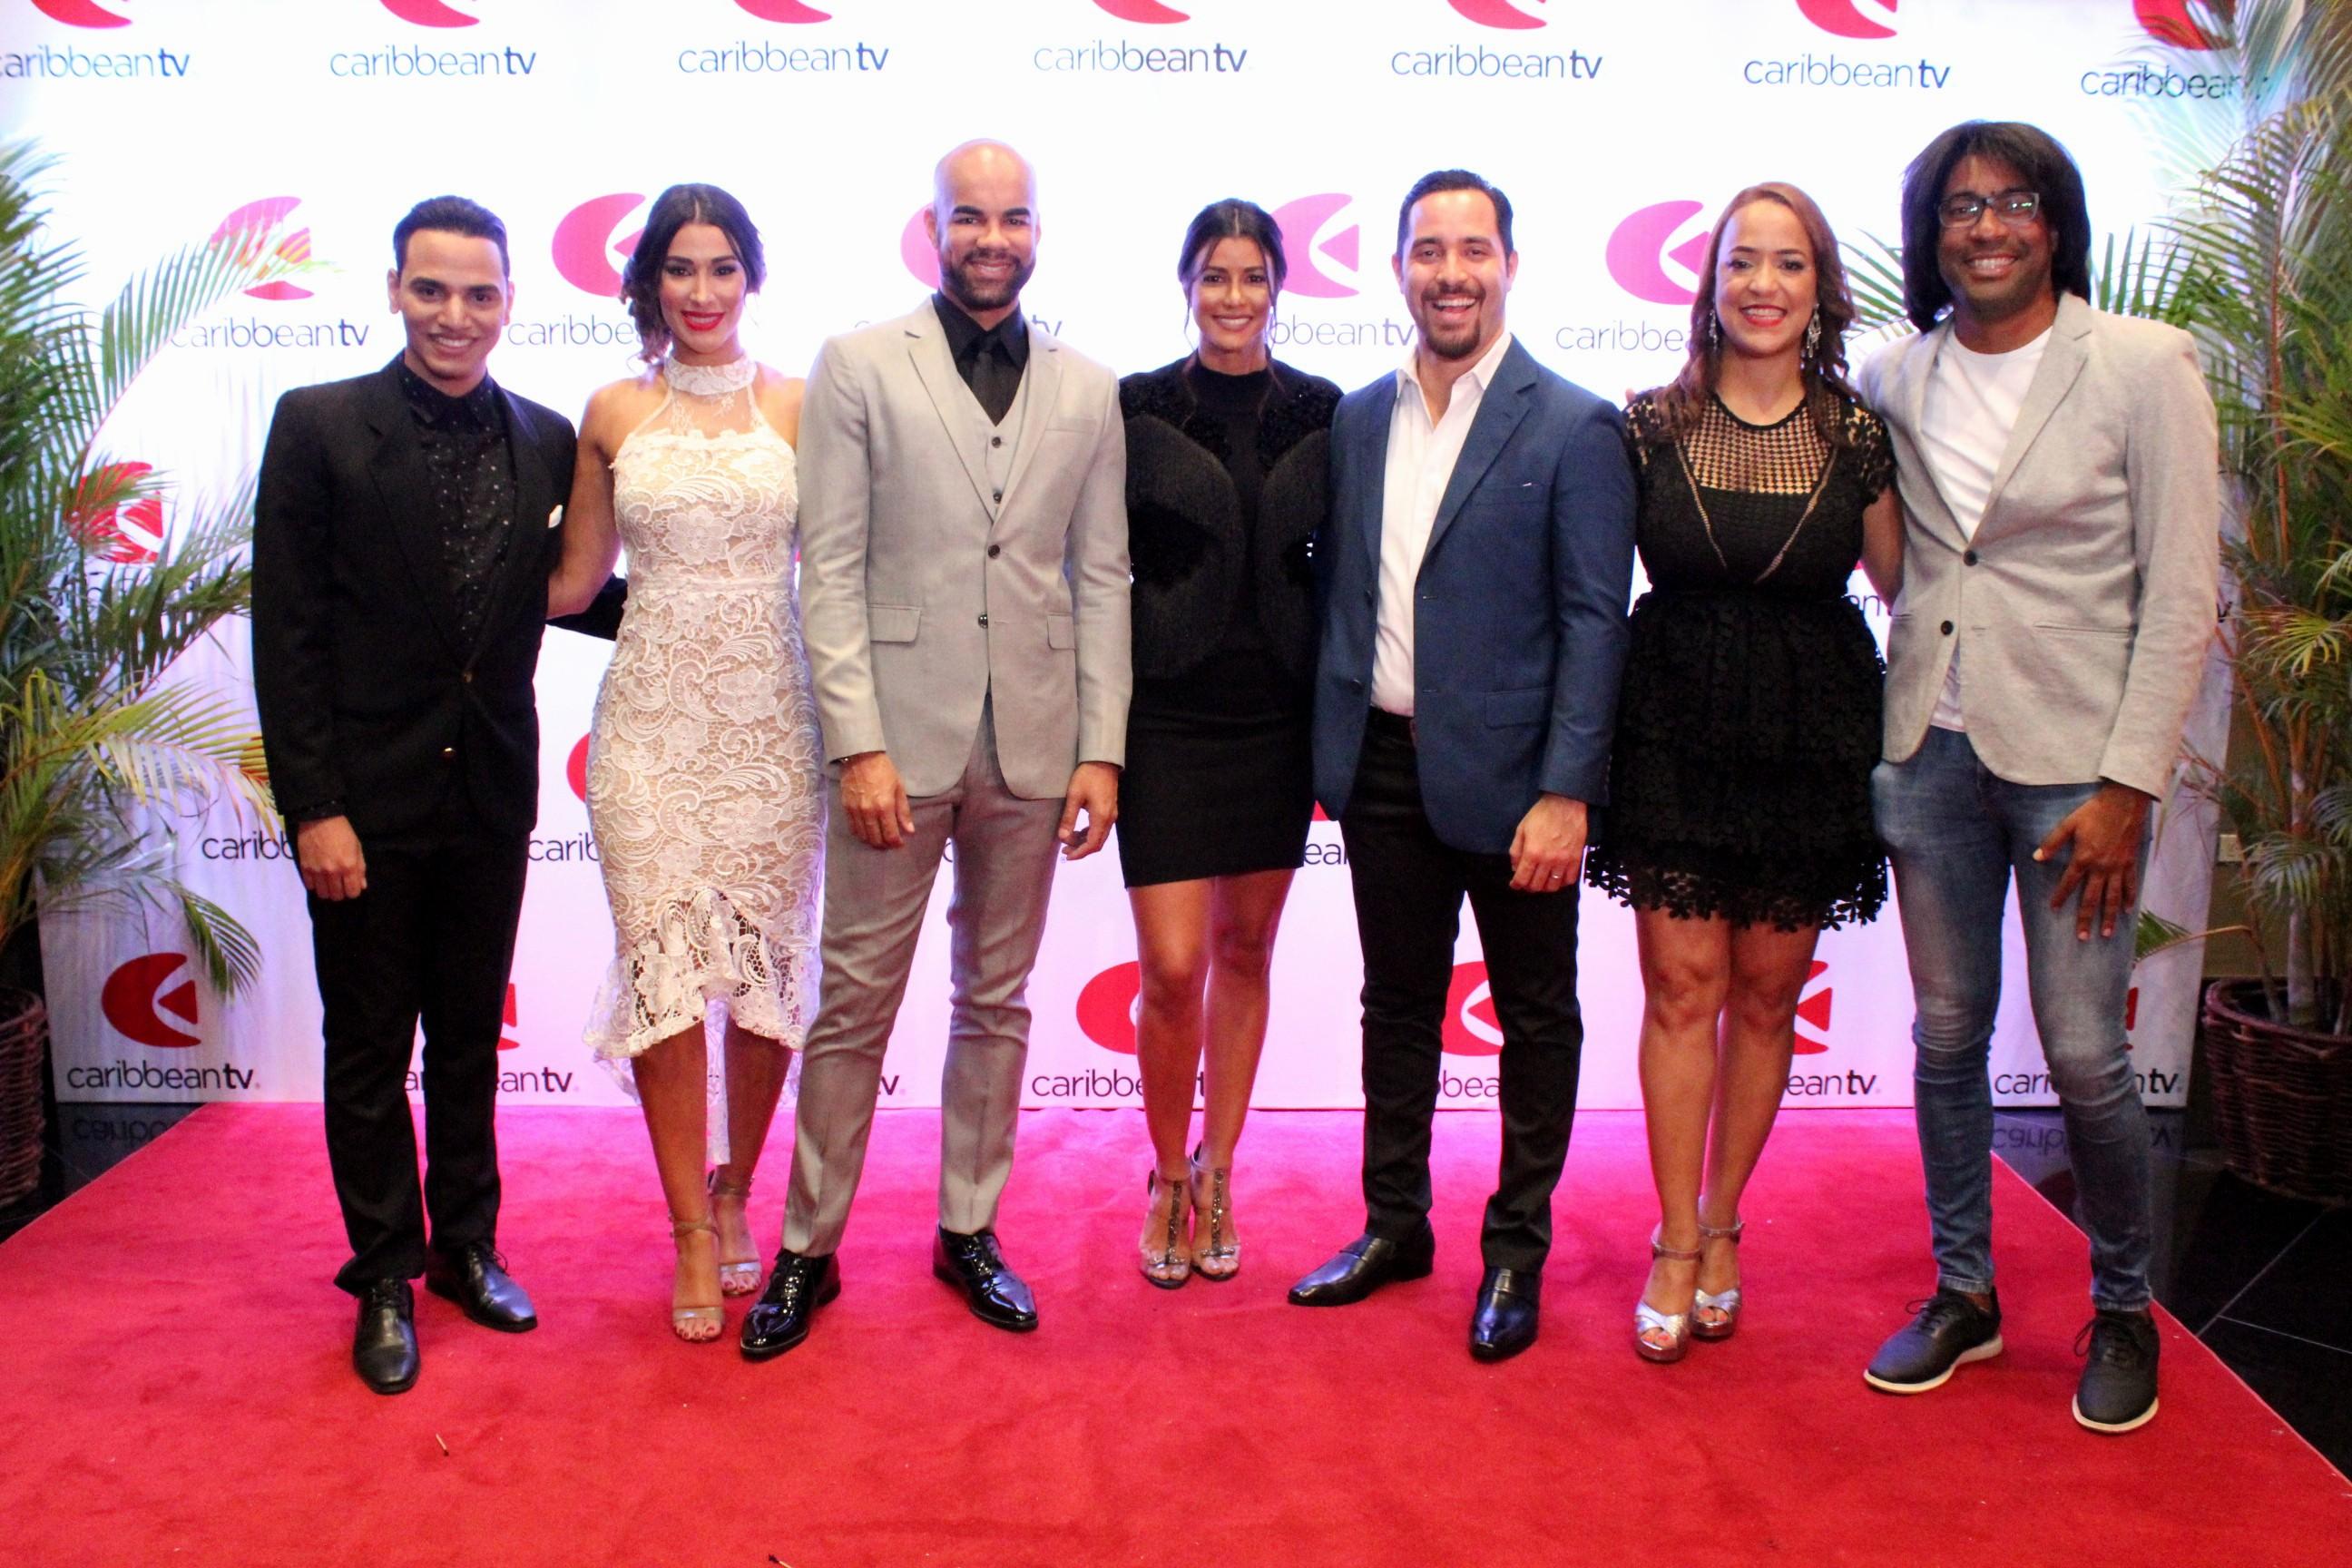 Talentos Caribbean TV